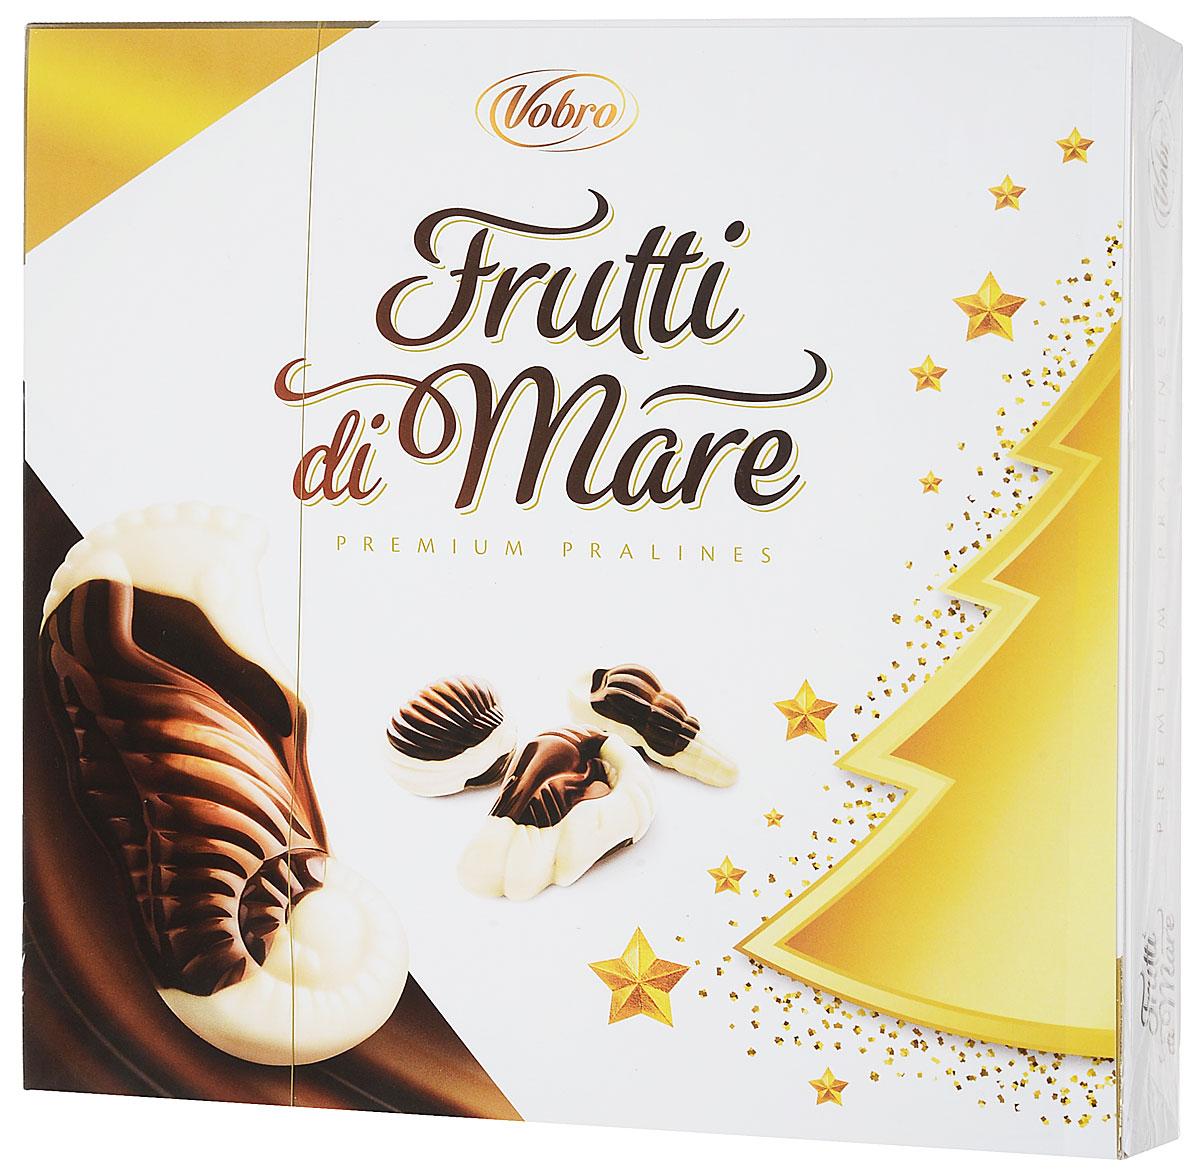 Vobro Frutti di Mare набор шоколадных конфет в виде морских ракушек, 225 г9351Frutti di Mare - это конфеты, в виде морских обитателей, из темного и белого шоколада, начиненные четырьмя начинками со вкусами: какао, ореховым, молочным и карамельным. Эти шоколадные ракушки с разным вкусом надолго оставляют приятные вкусовые впечатления, а их дополнительным достоинством является их неповторимая форма. Вместе образуют прекрасный сладкий подарок.